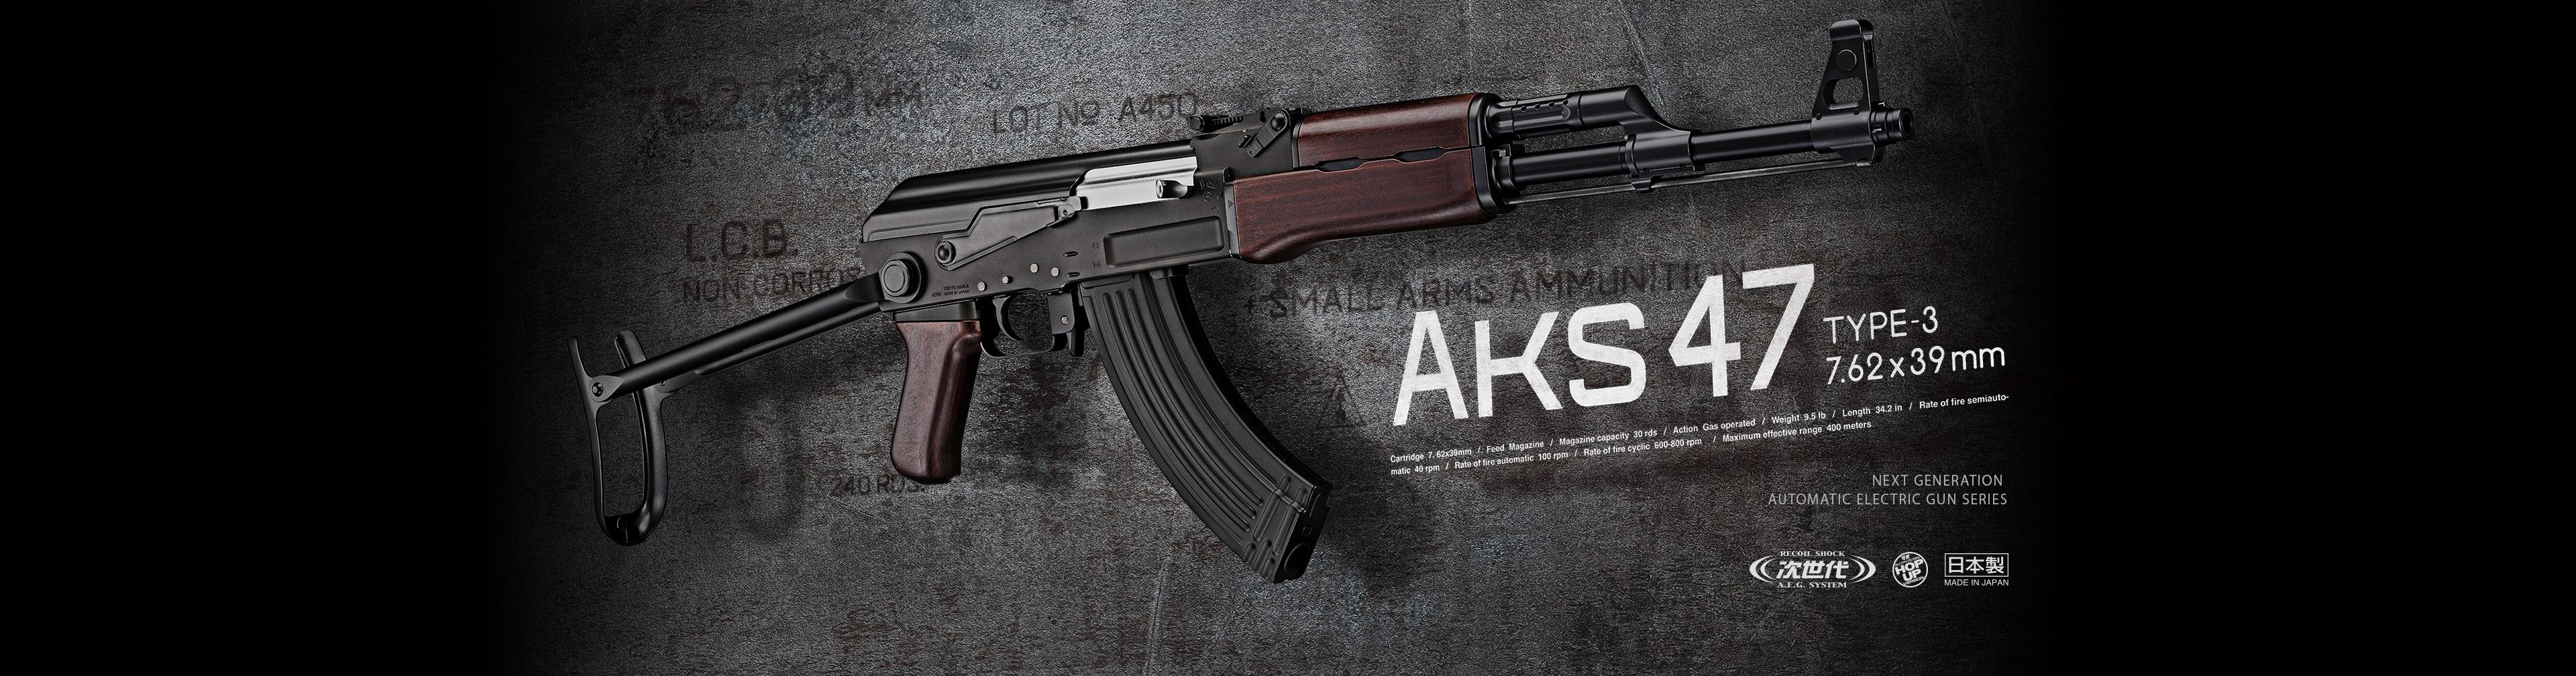 AKS47